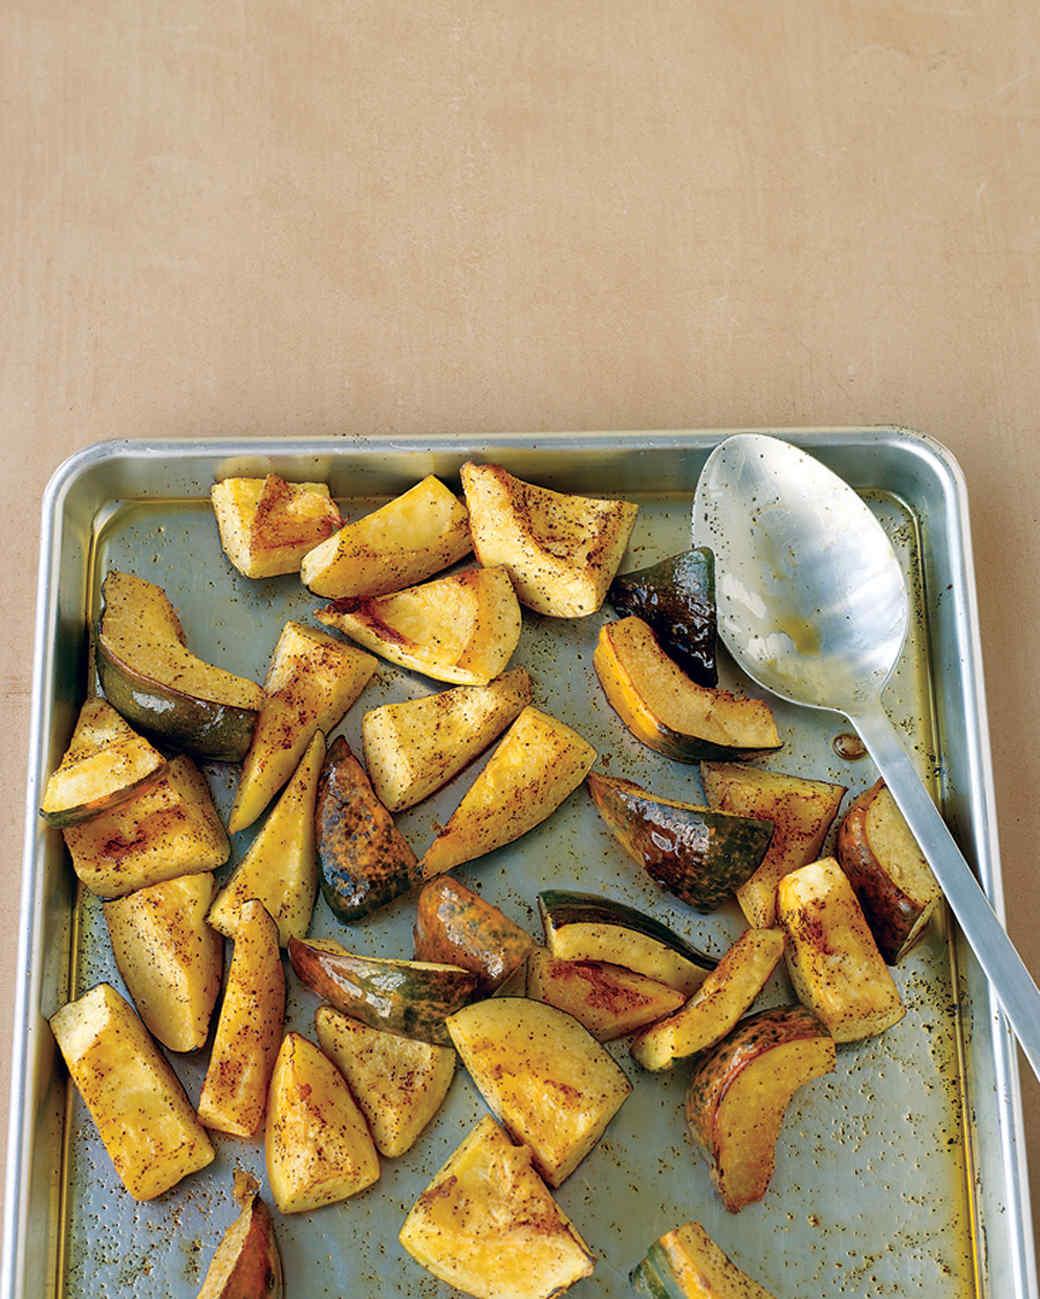 Chili-Roasted Acorn Squash